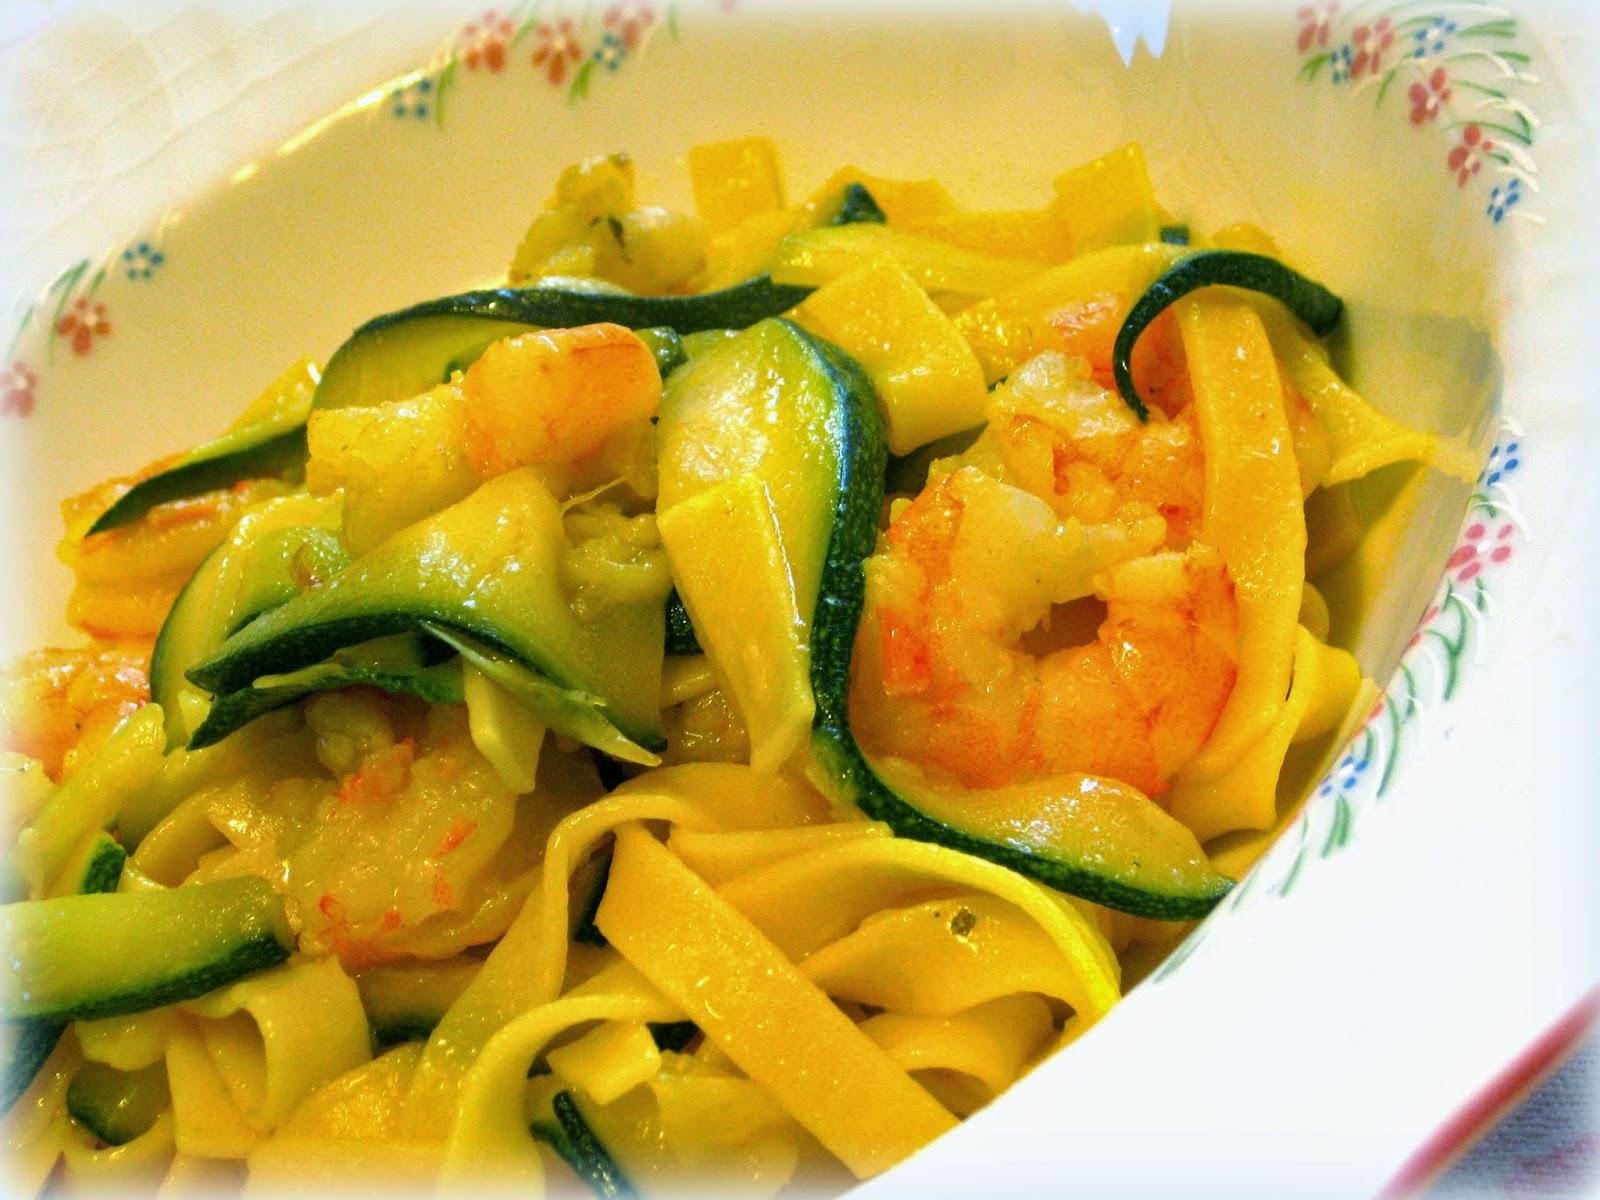 Le tagliatelle allo zafferano sono un a ricetta semplice e veloce da preparare che se arricchita con con zucchine e gamberetti diventa sontuosa.